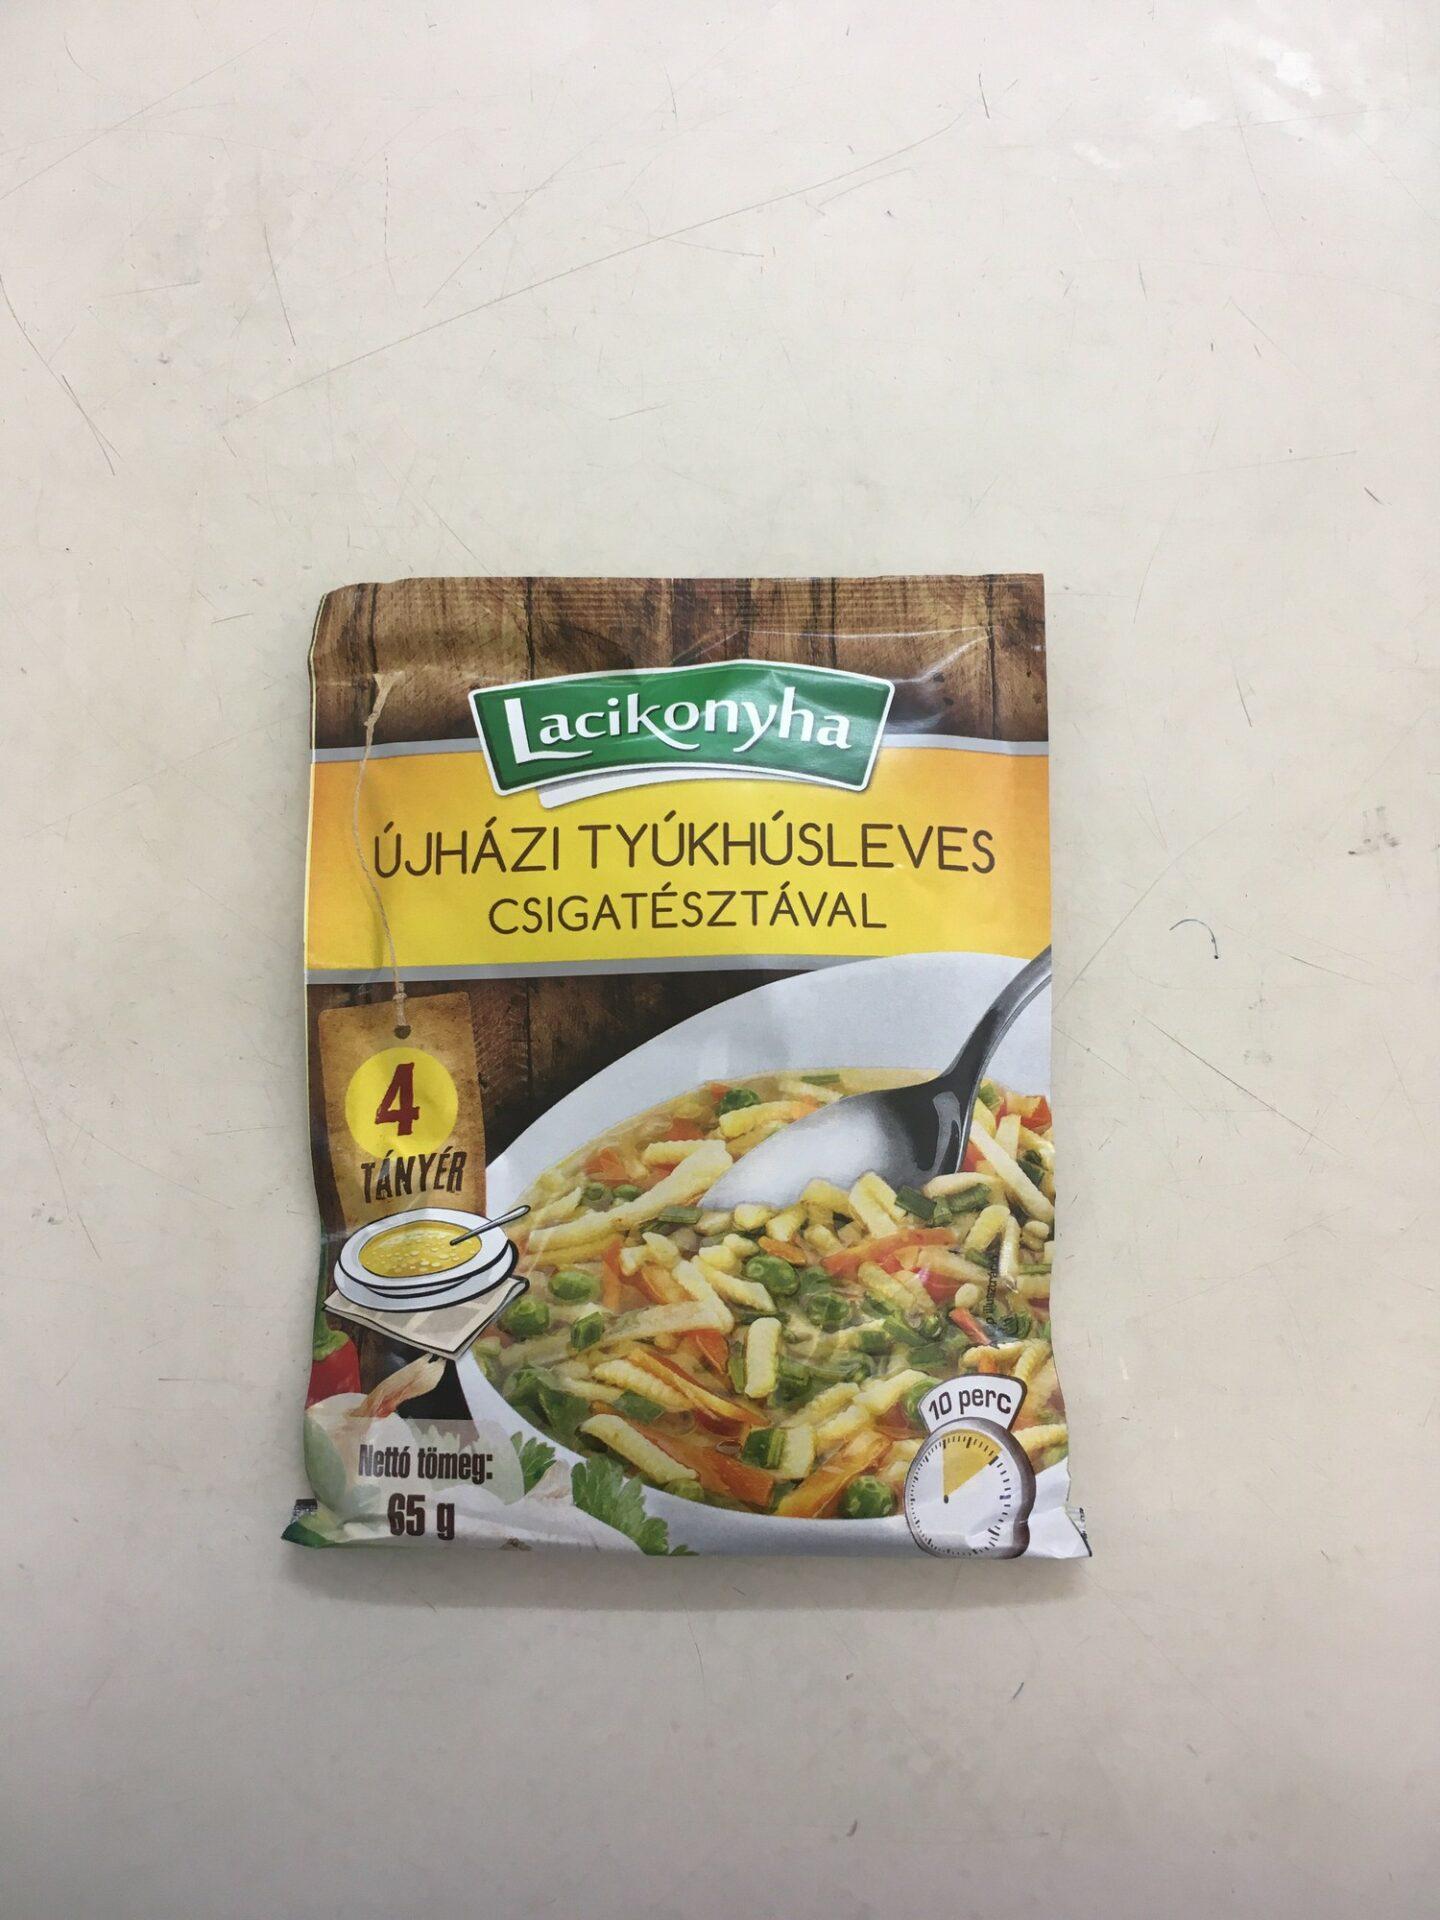 Újházy Tyúkhúsleves csigatésztával Lacikonyha – Chicken soup sachet